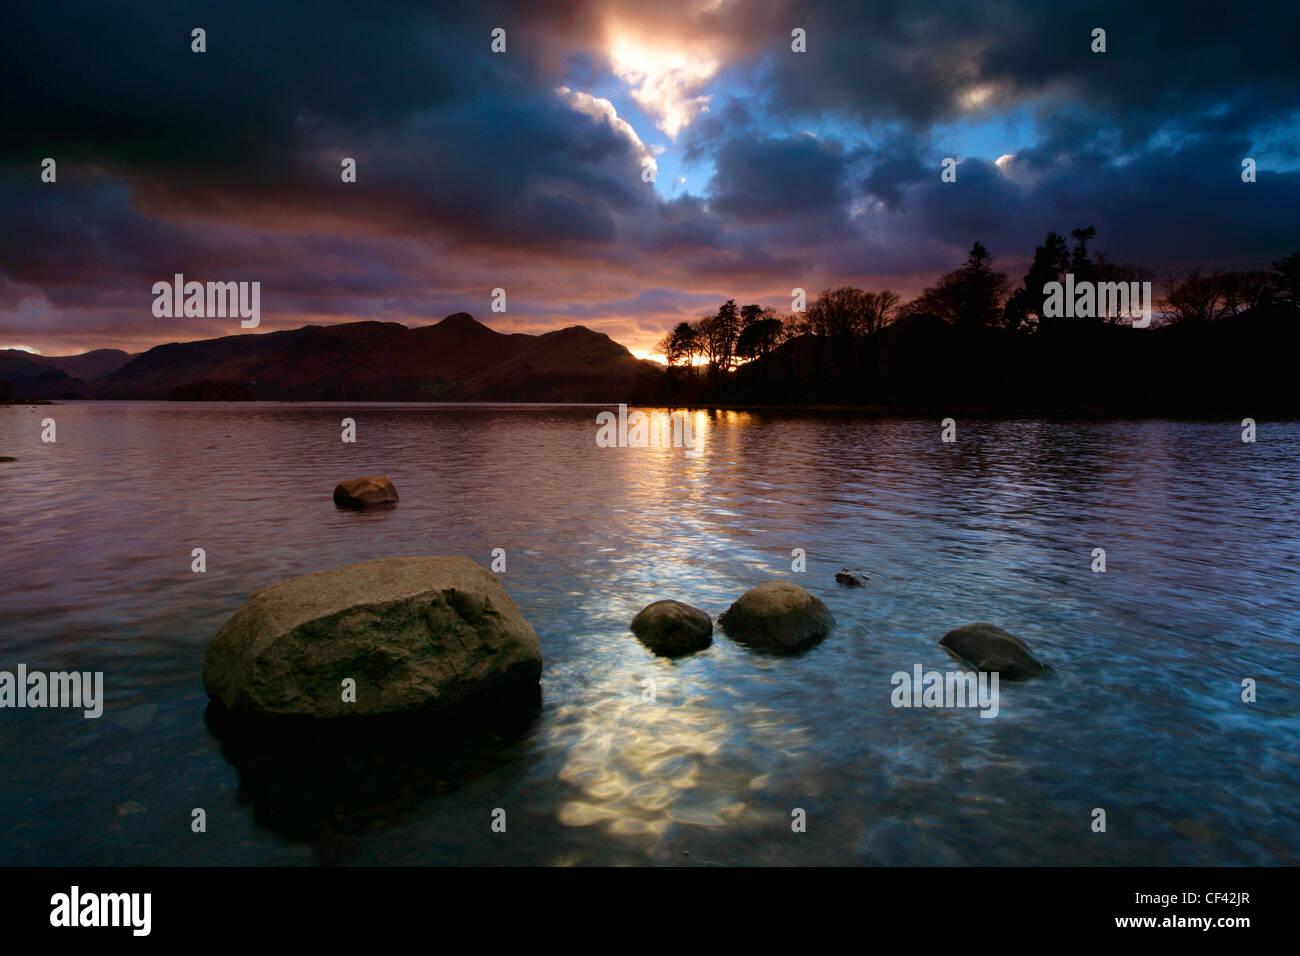 Puesta de sol sobre el agua Derwent en el Lake District. Imagen De Stock